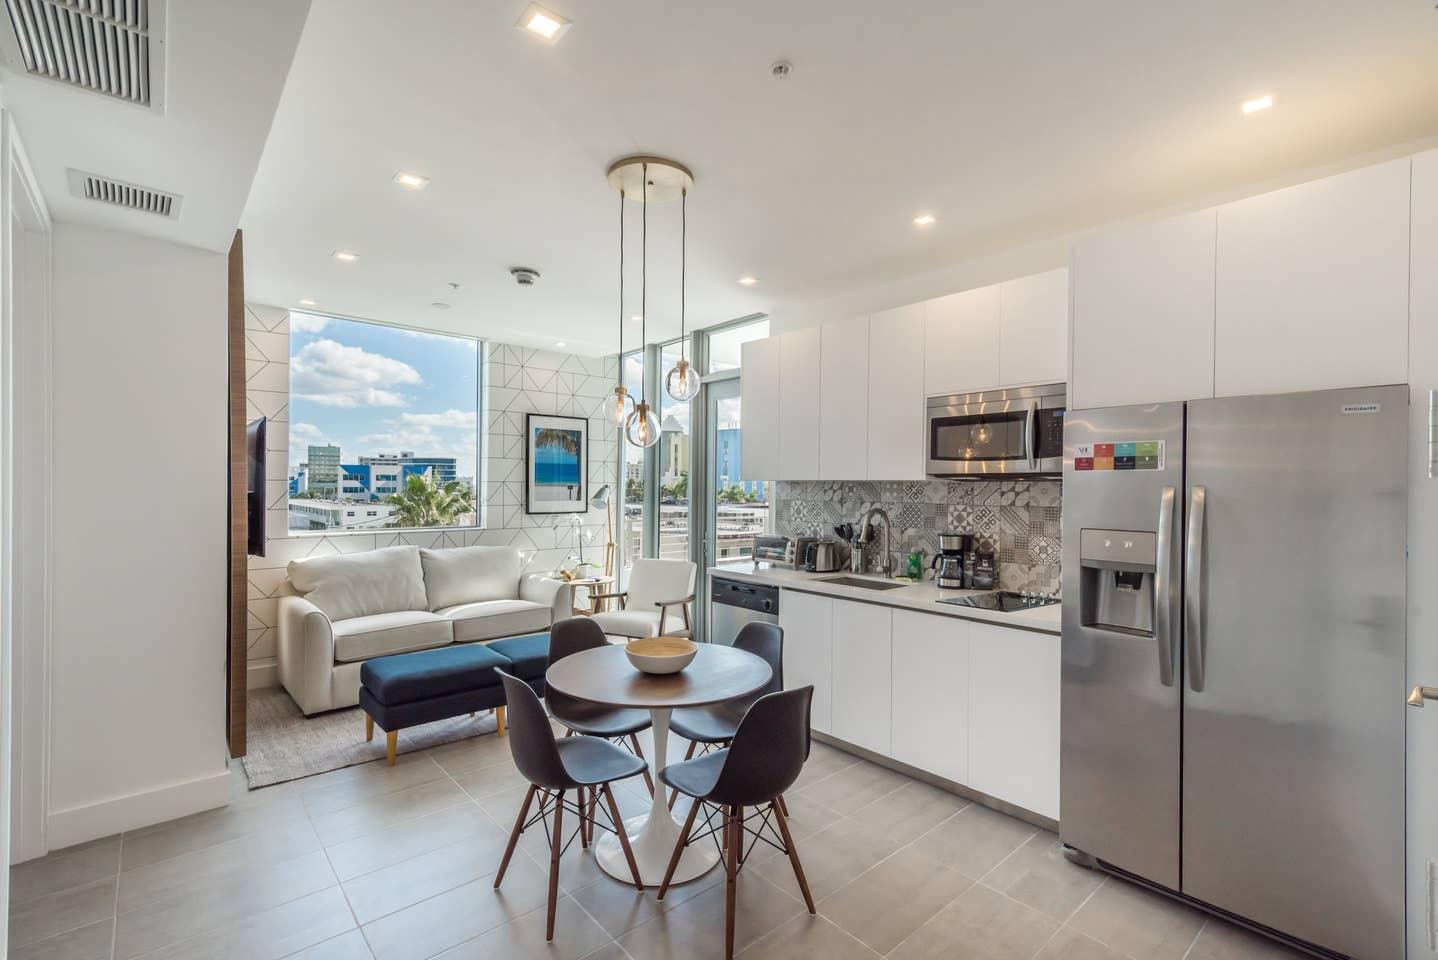 Luxury 2 bedroom apt in Miami Beach 1